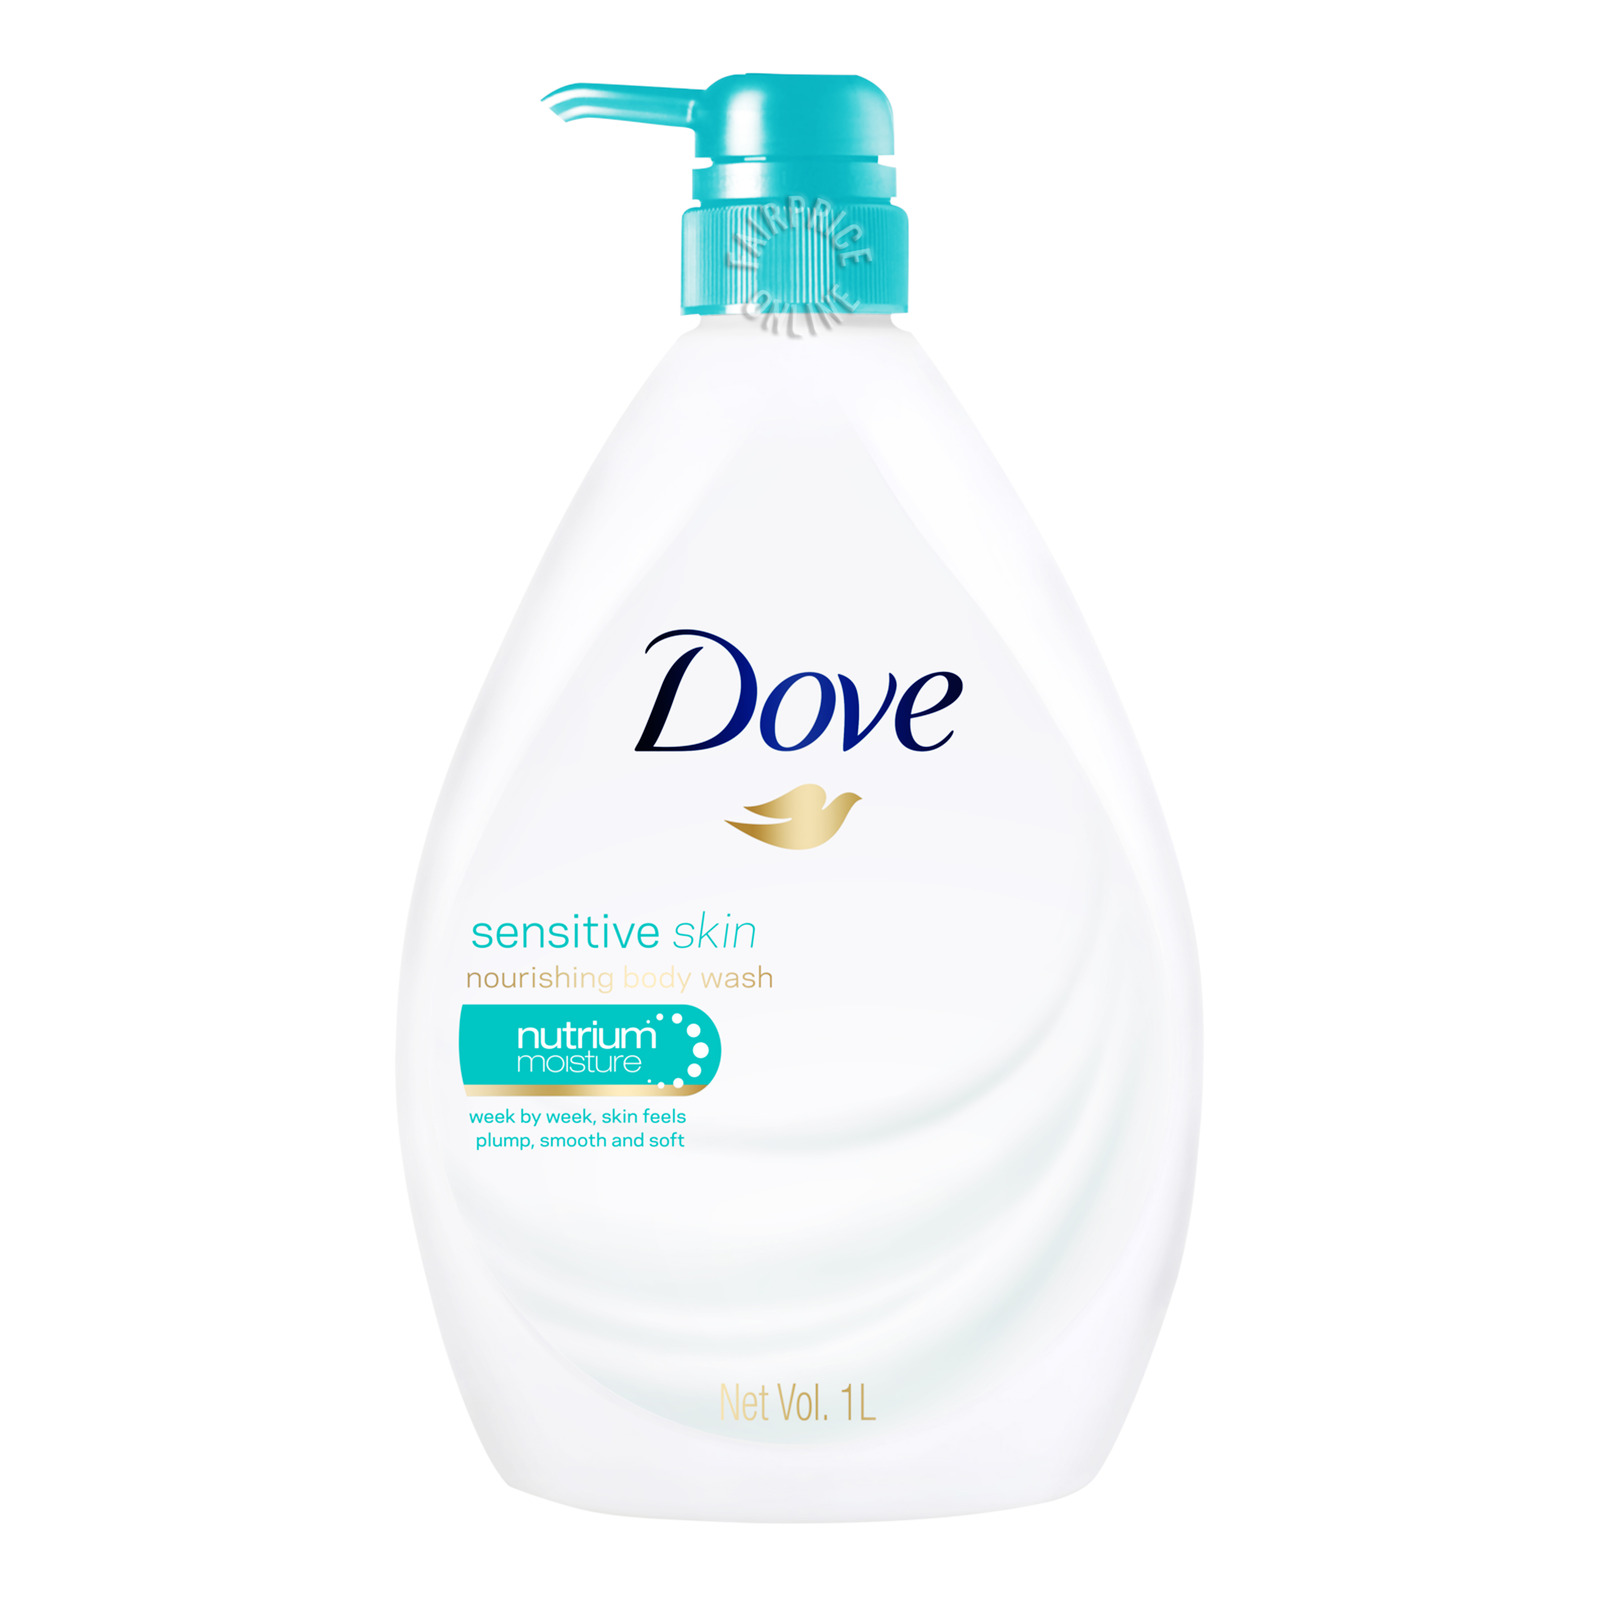 Dove Body Wash - Sensitive Skin